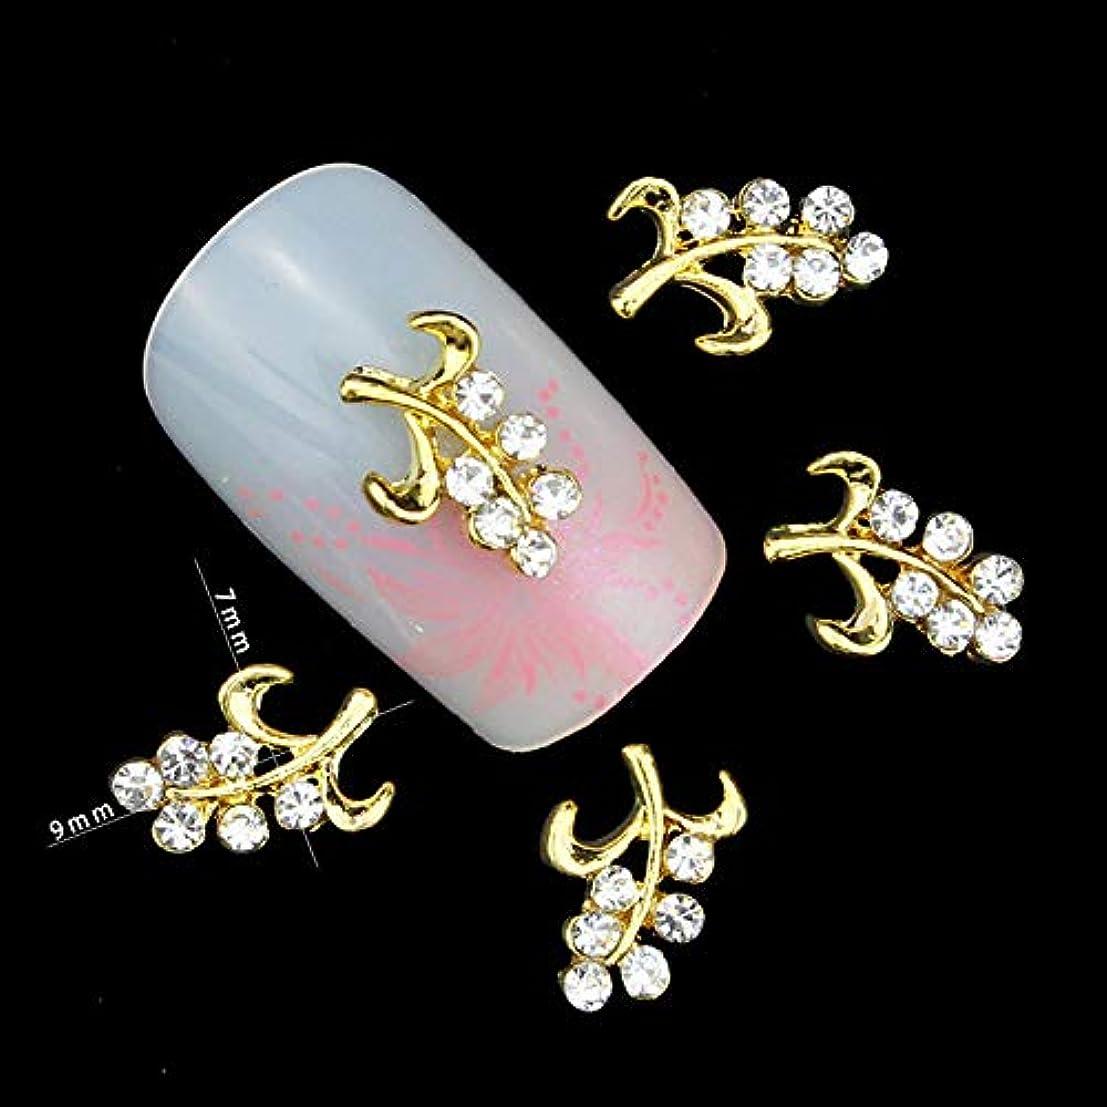 豊かにする局母音10個入りの3D合金ネイルスタッドはマニキュアブドウデザインネイルツールのラインストーンネイルアートの装飾の魅力のジュエリーをキラキラ